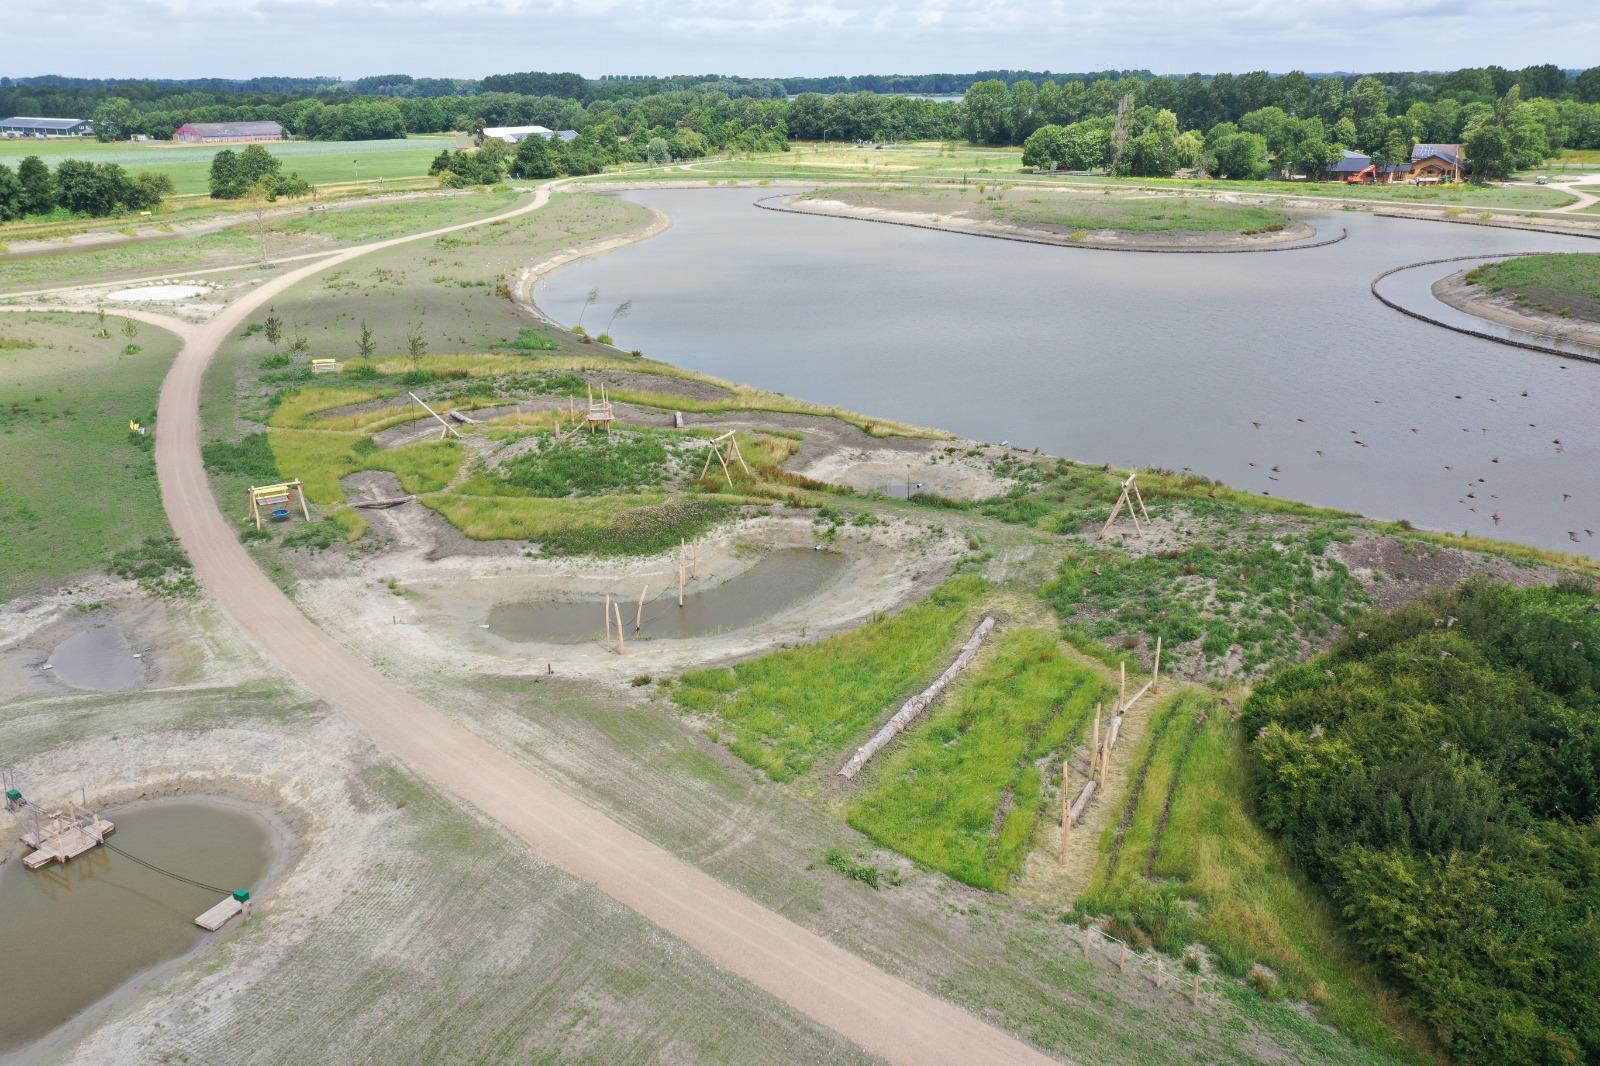 Realisatie van Alkmaars natuurpark Geestmerloo, 24 hectare glooiend groen met natuurbegraafplaats, is kwestie van lange adem geweest